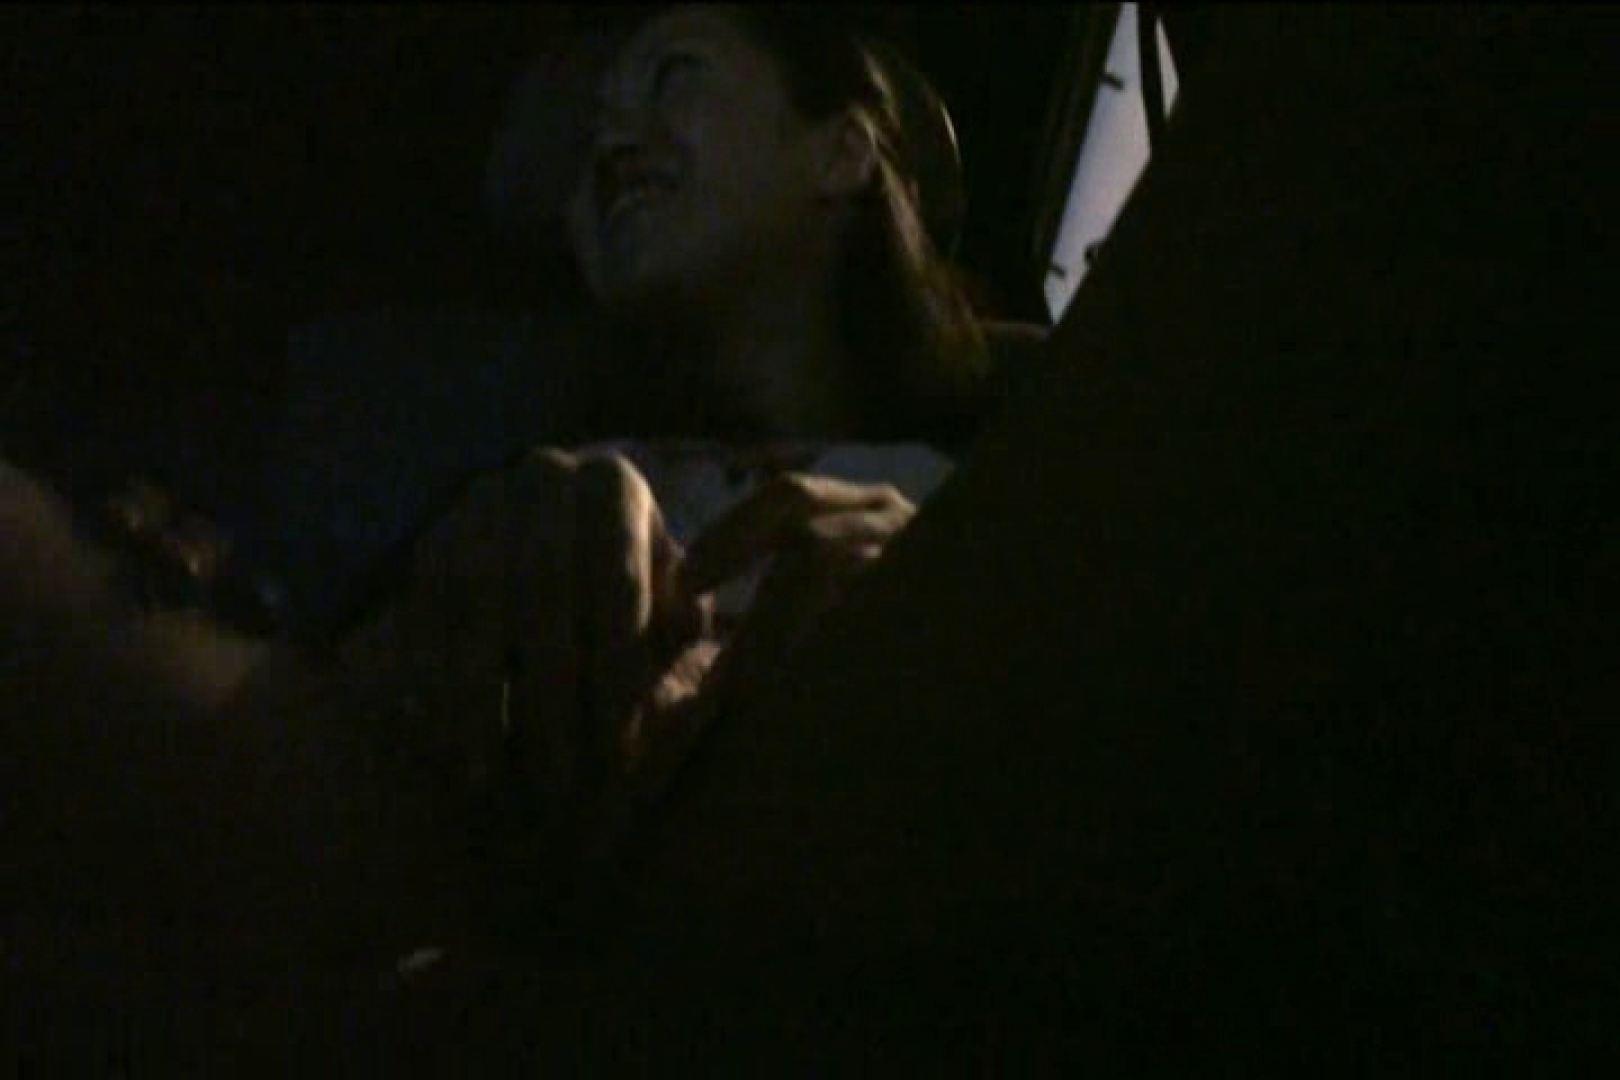 車内で初めまして! vol01 ハプニング   盗撮  68pic 61